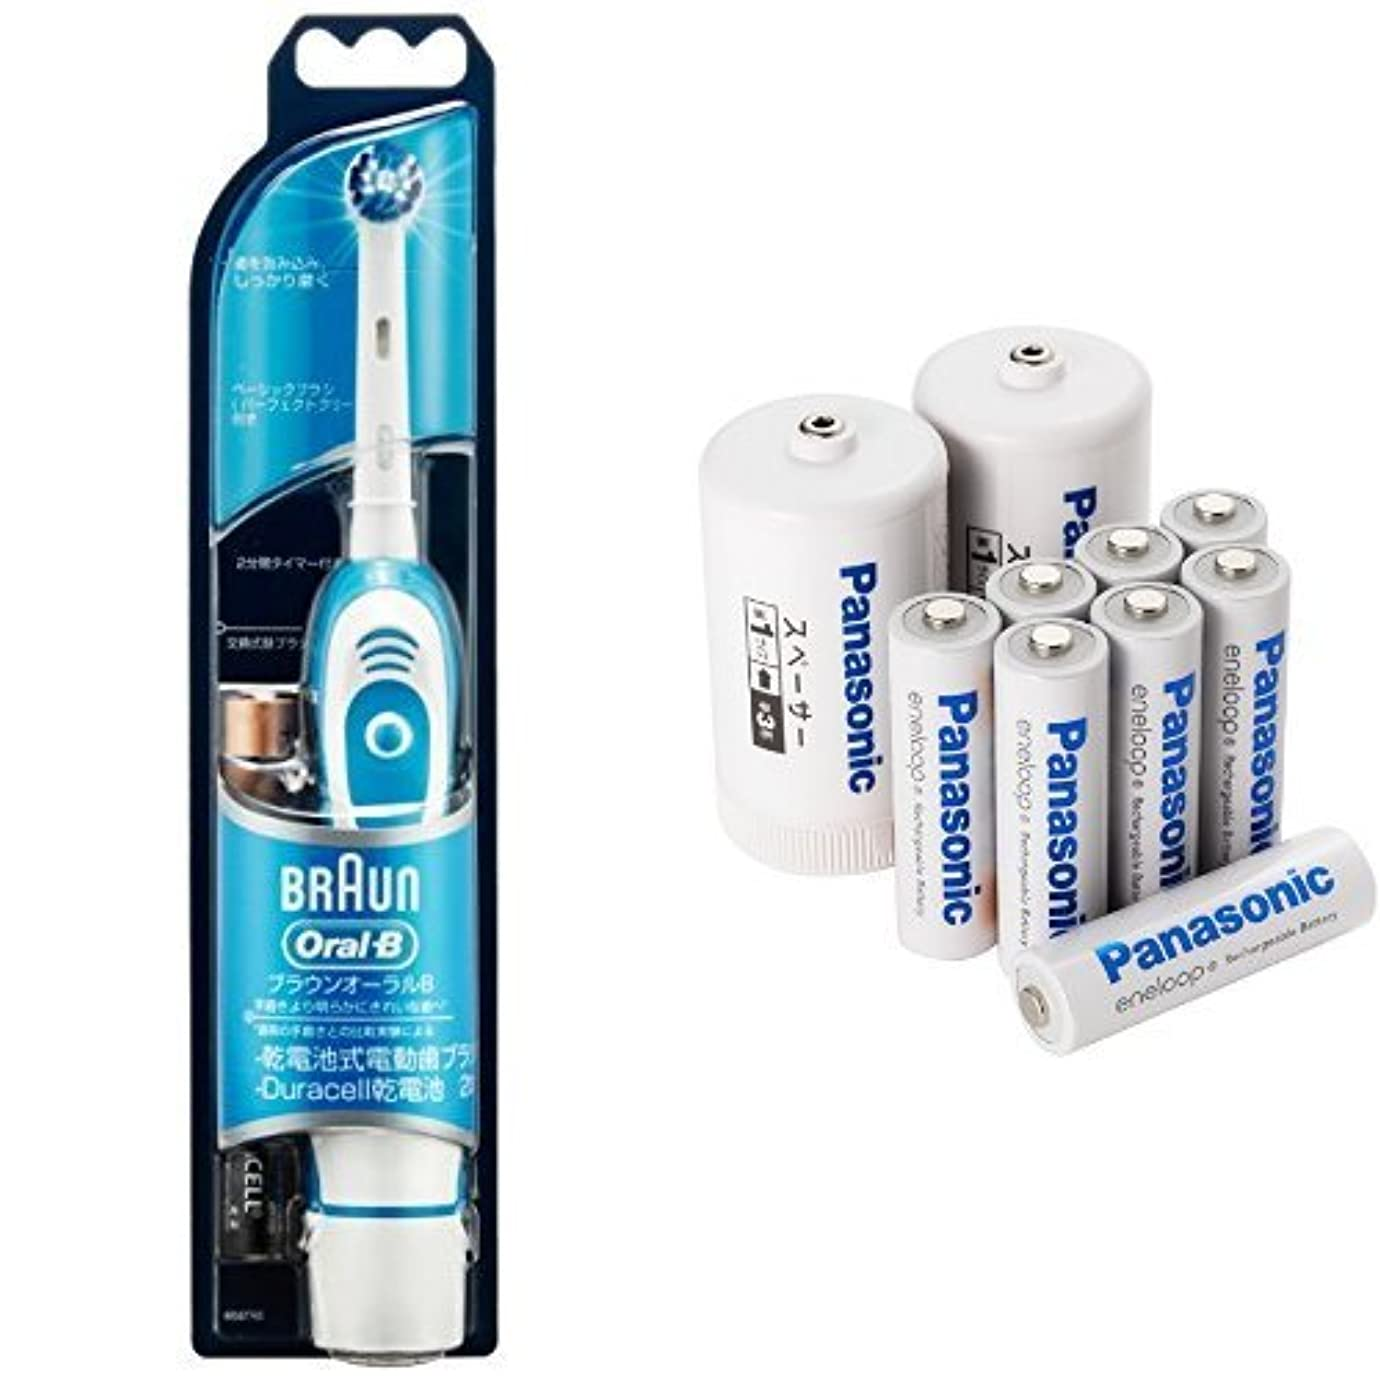 再現する陰謀滅びるブラウン オーラルB プラックコントロール DB4510NE 電動歯ブラシ 乾電池式 + eneloop 単3形充電池 8本パック BK-3MCC/8FA セット